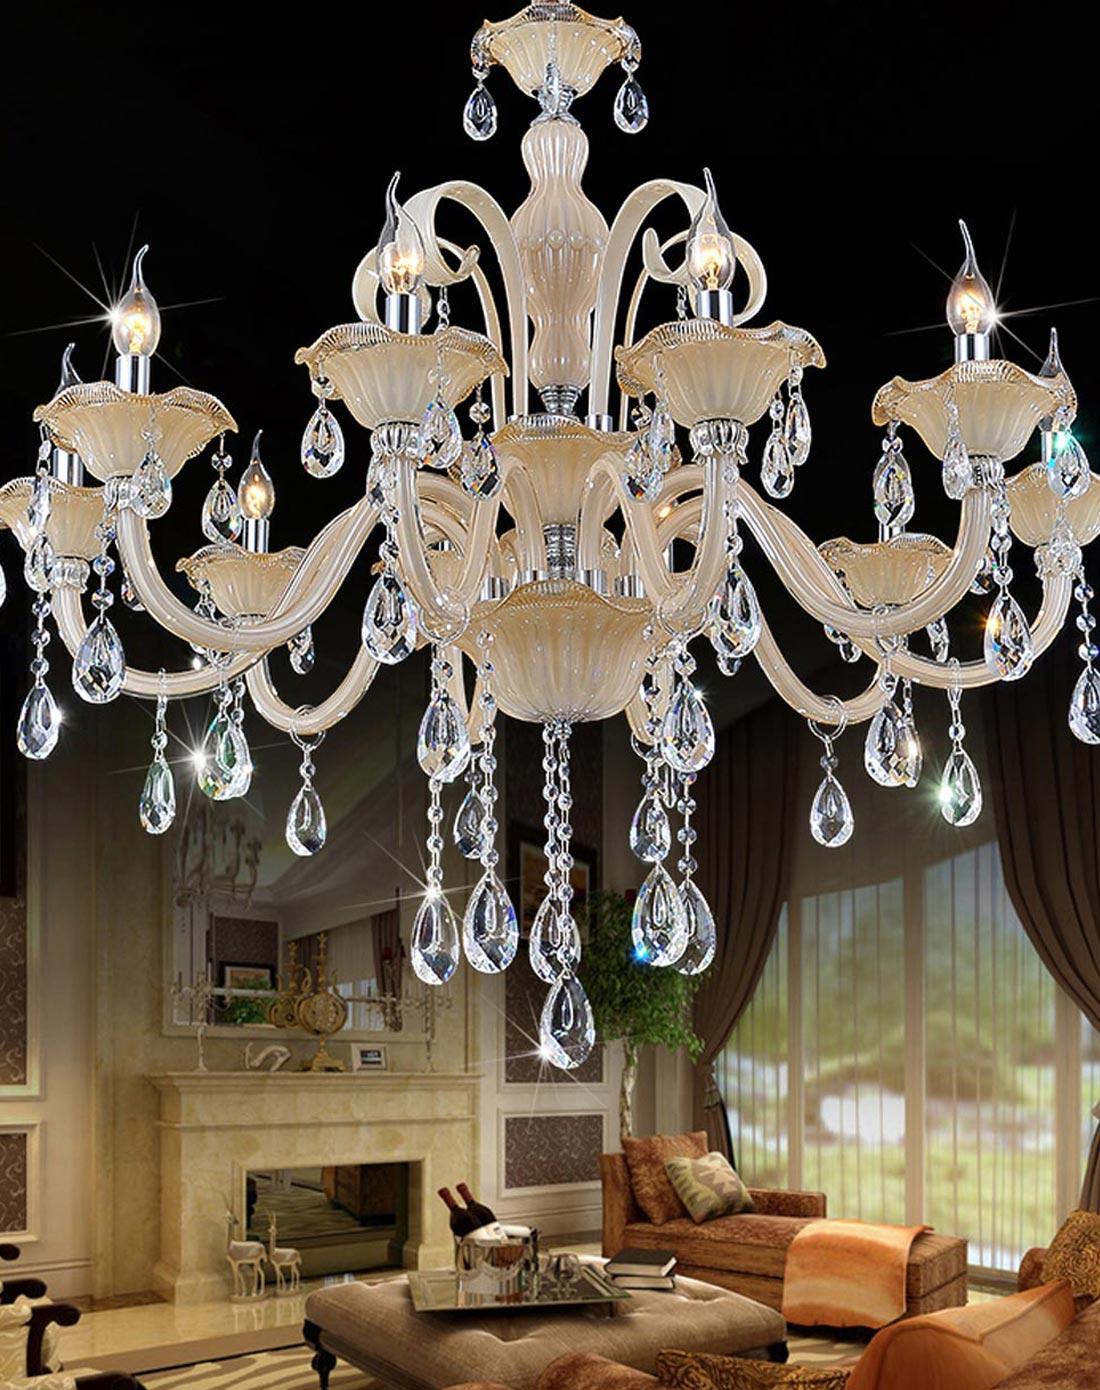 高端奢华顶级欧式水晶蜡烛吊灯10头